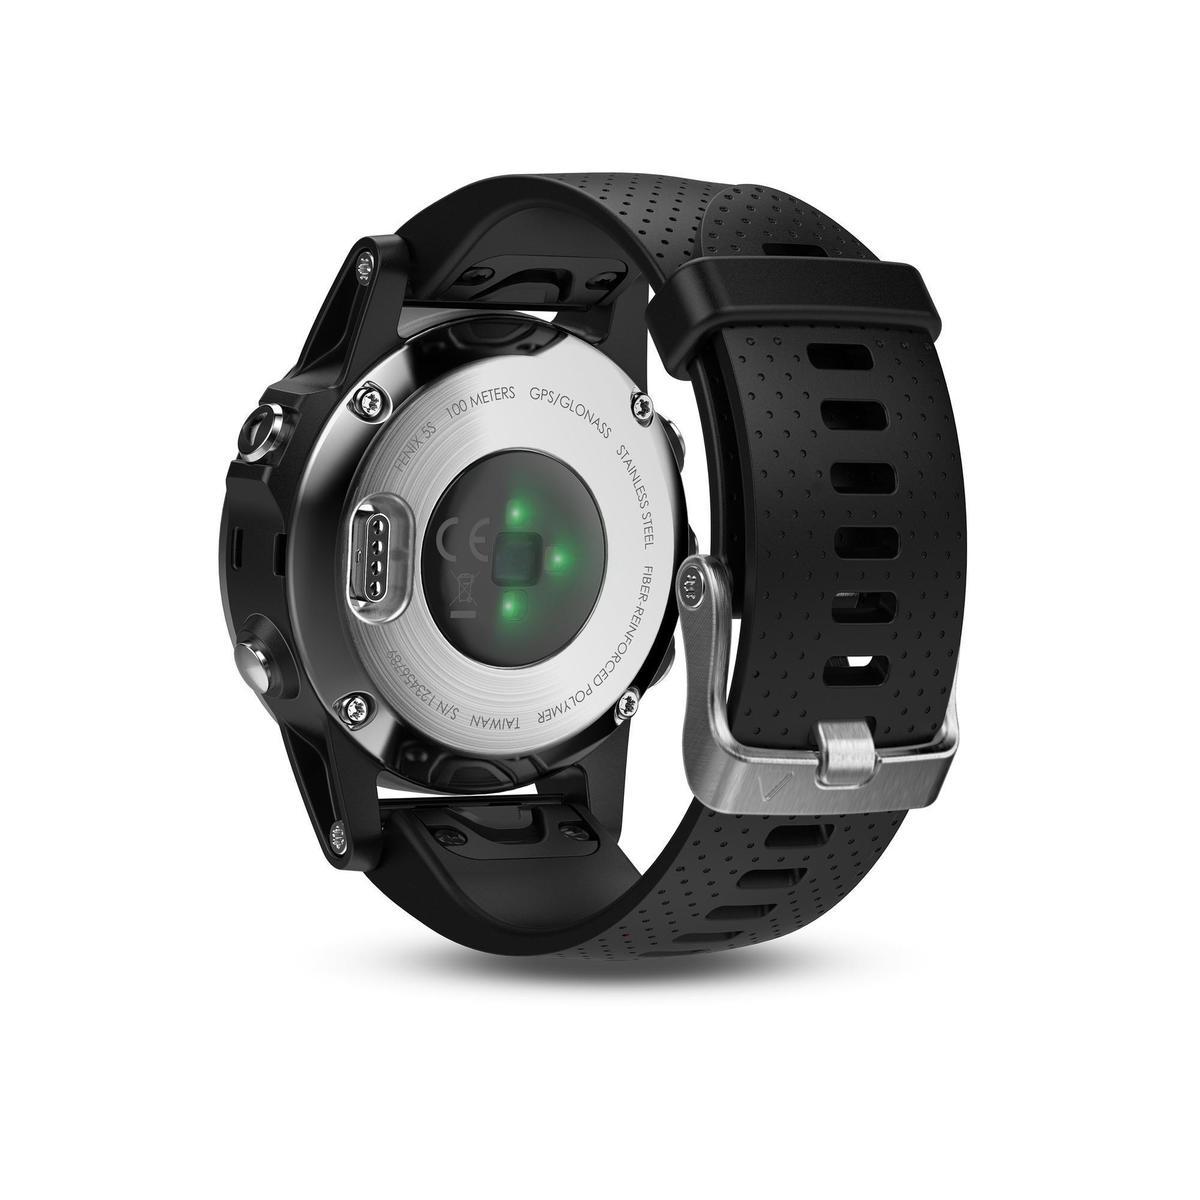 Bild 2 von GPS-Pulsuhr Fenix 5S Multisport HRM silber/schwarz